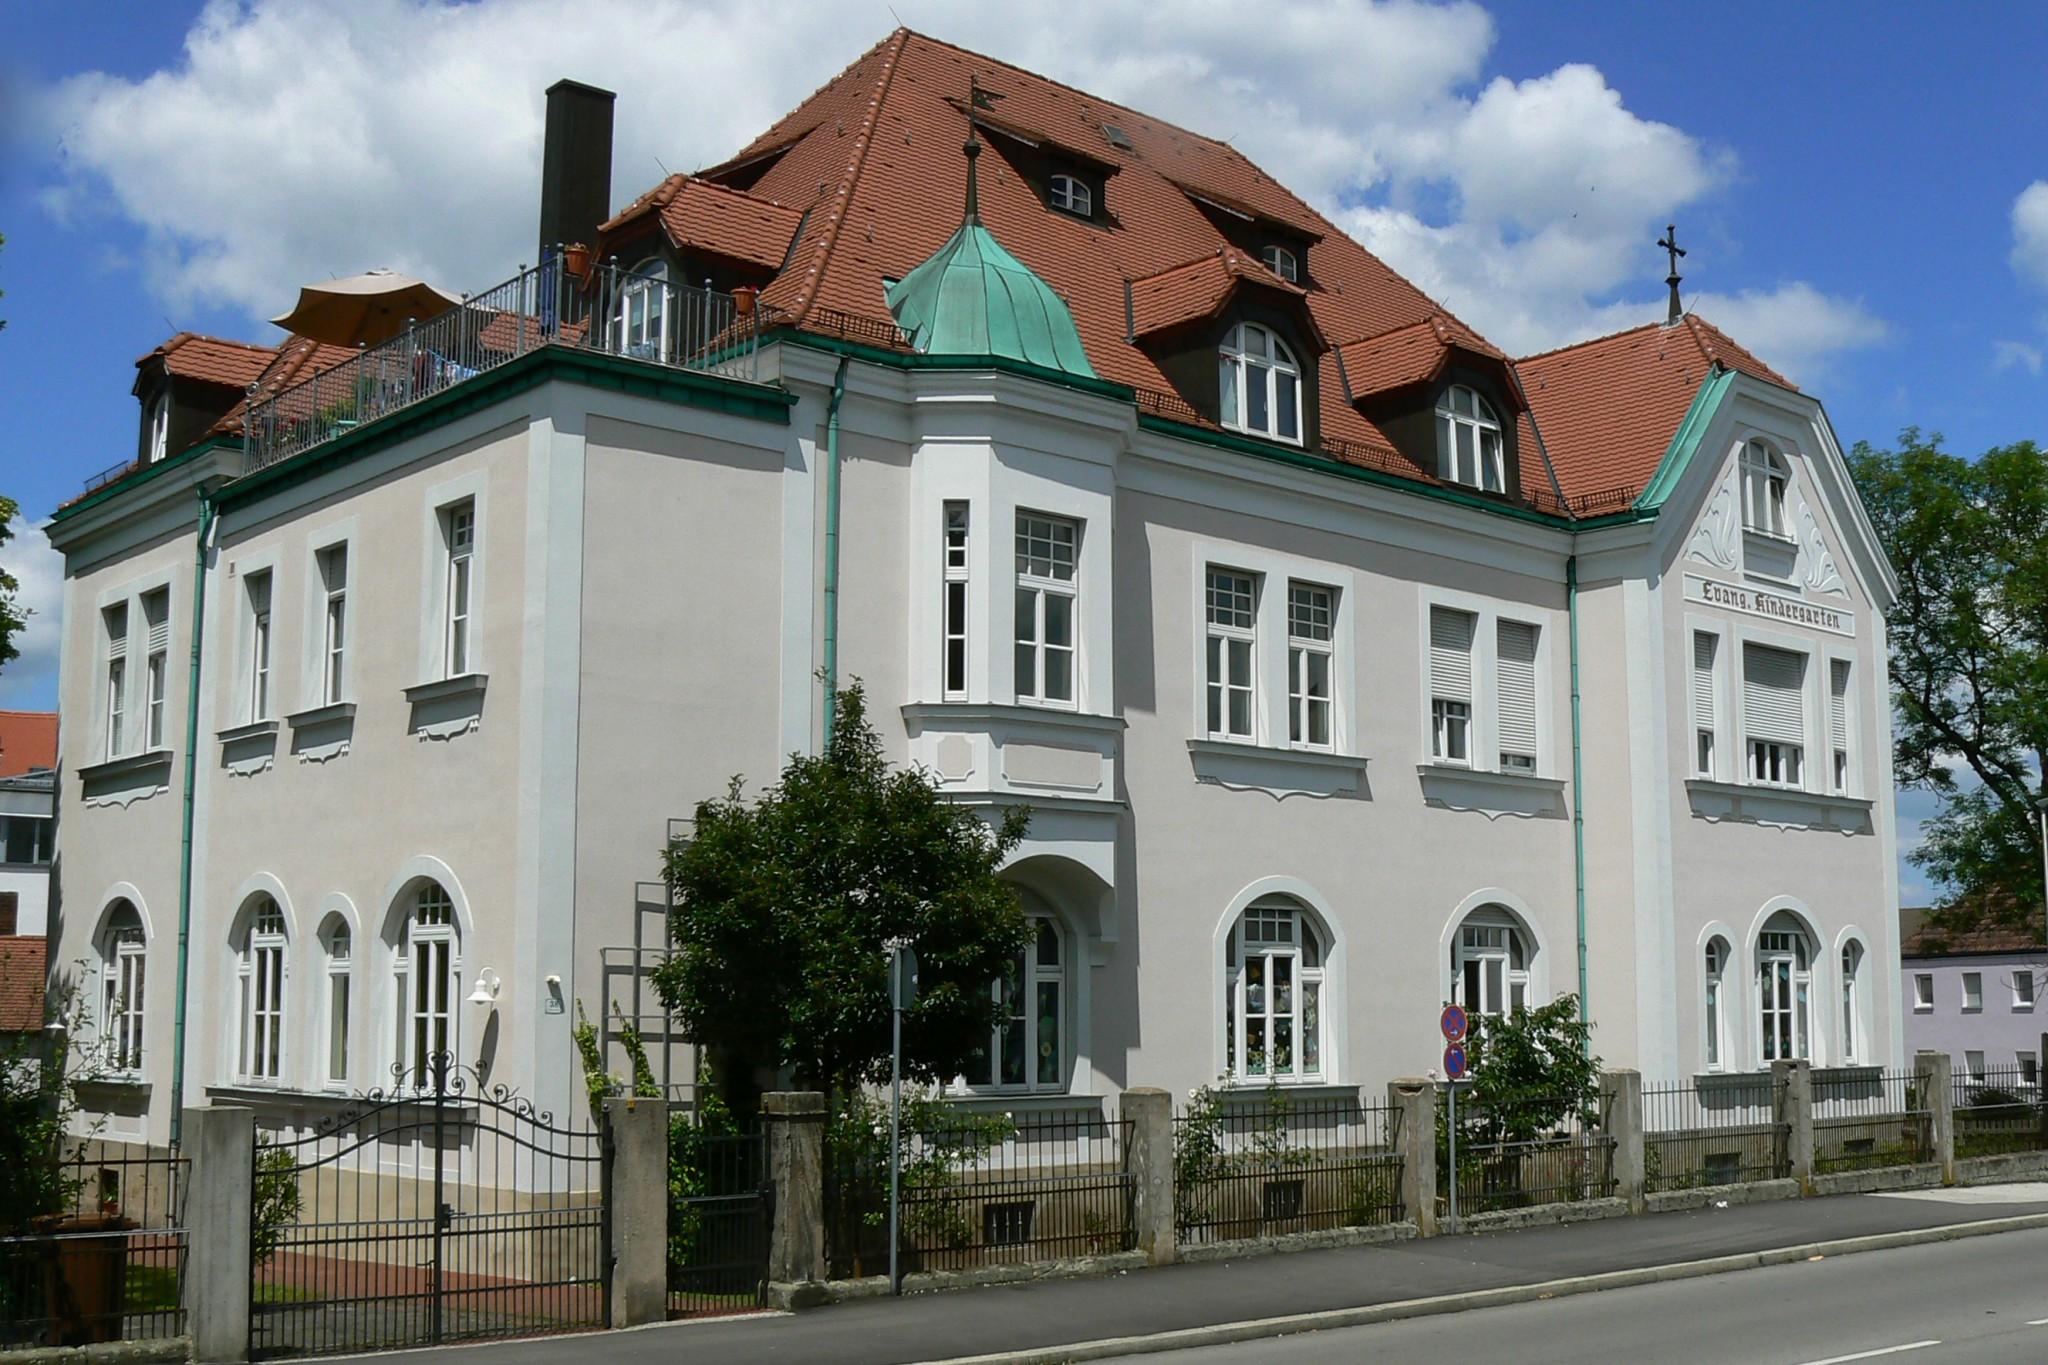 Ansbach - Praxis für Psychotherapie Türkenstraße 38